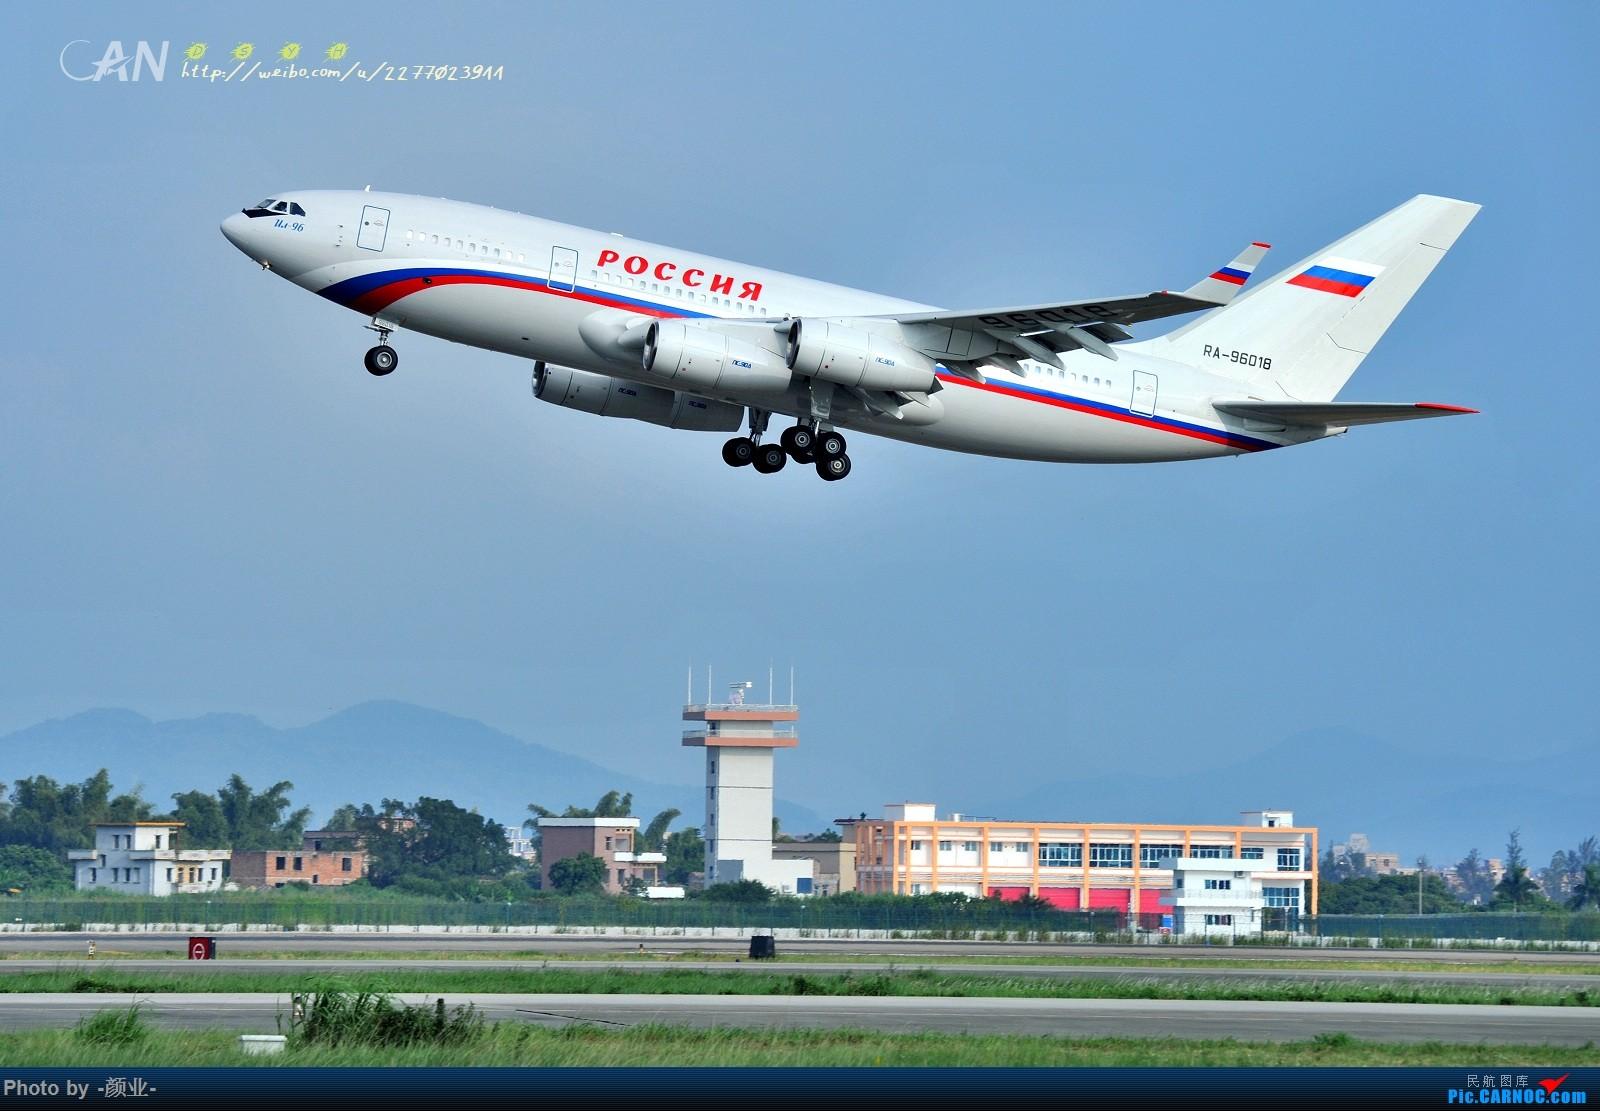 Re:[原创]2011-2016我的打灰机心情[广州] ILYUSHIN IL-96-300 RA-96018 中国广州白云国际机场